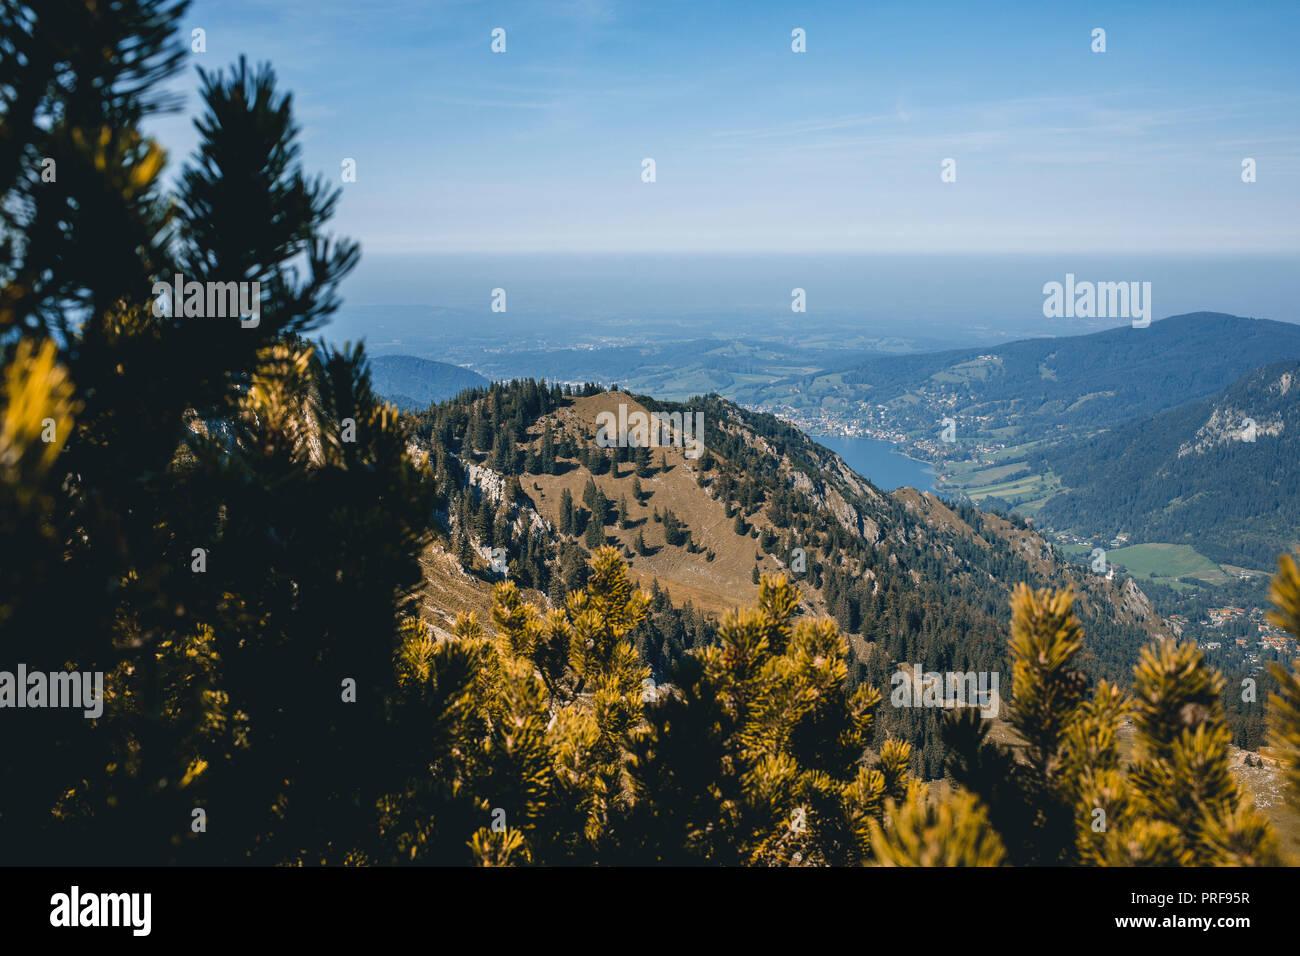 Blick ins Tal, auf den Horizont, Wandern mit Ausblick auf den Spitzingsee, Bayern, Deutschland, Voralpenland - Stock Image